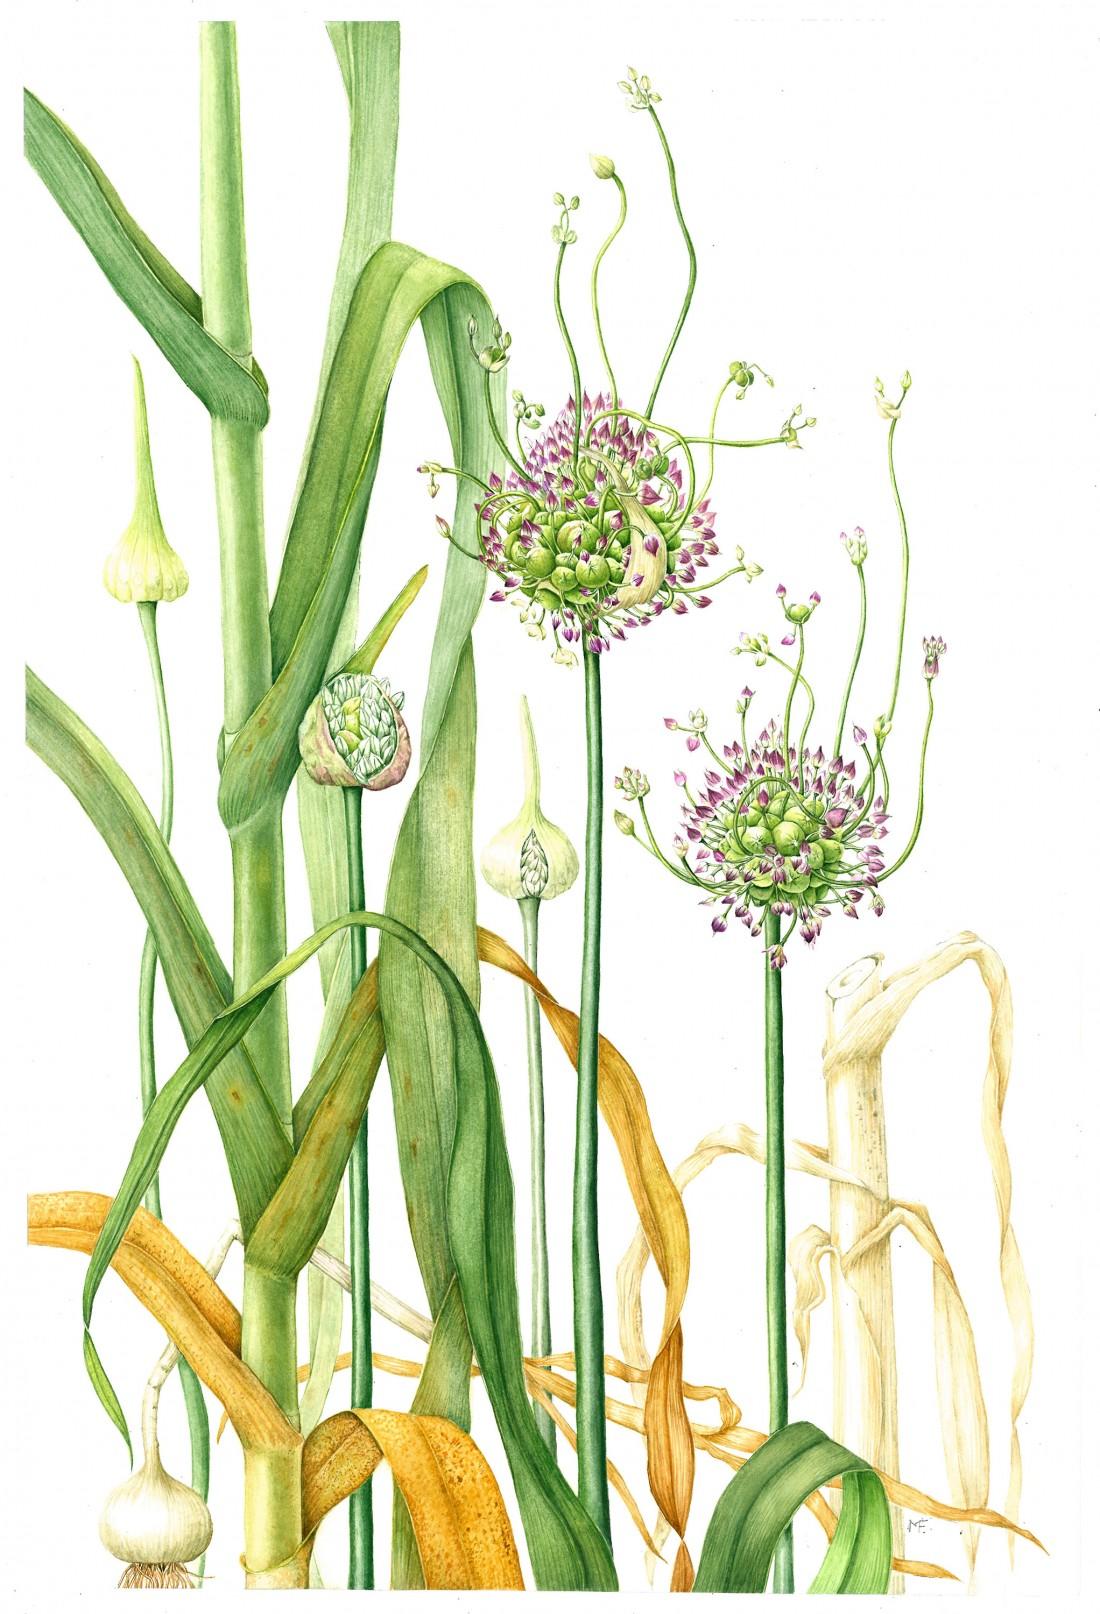 Allium ampeloprasum var. babingtonii Babington's Leek